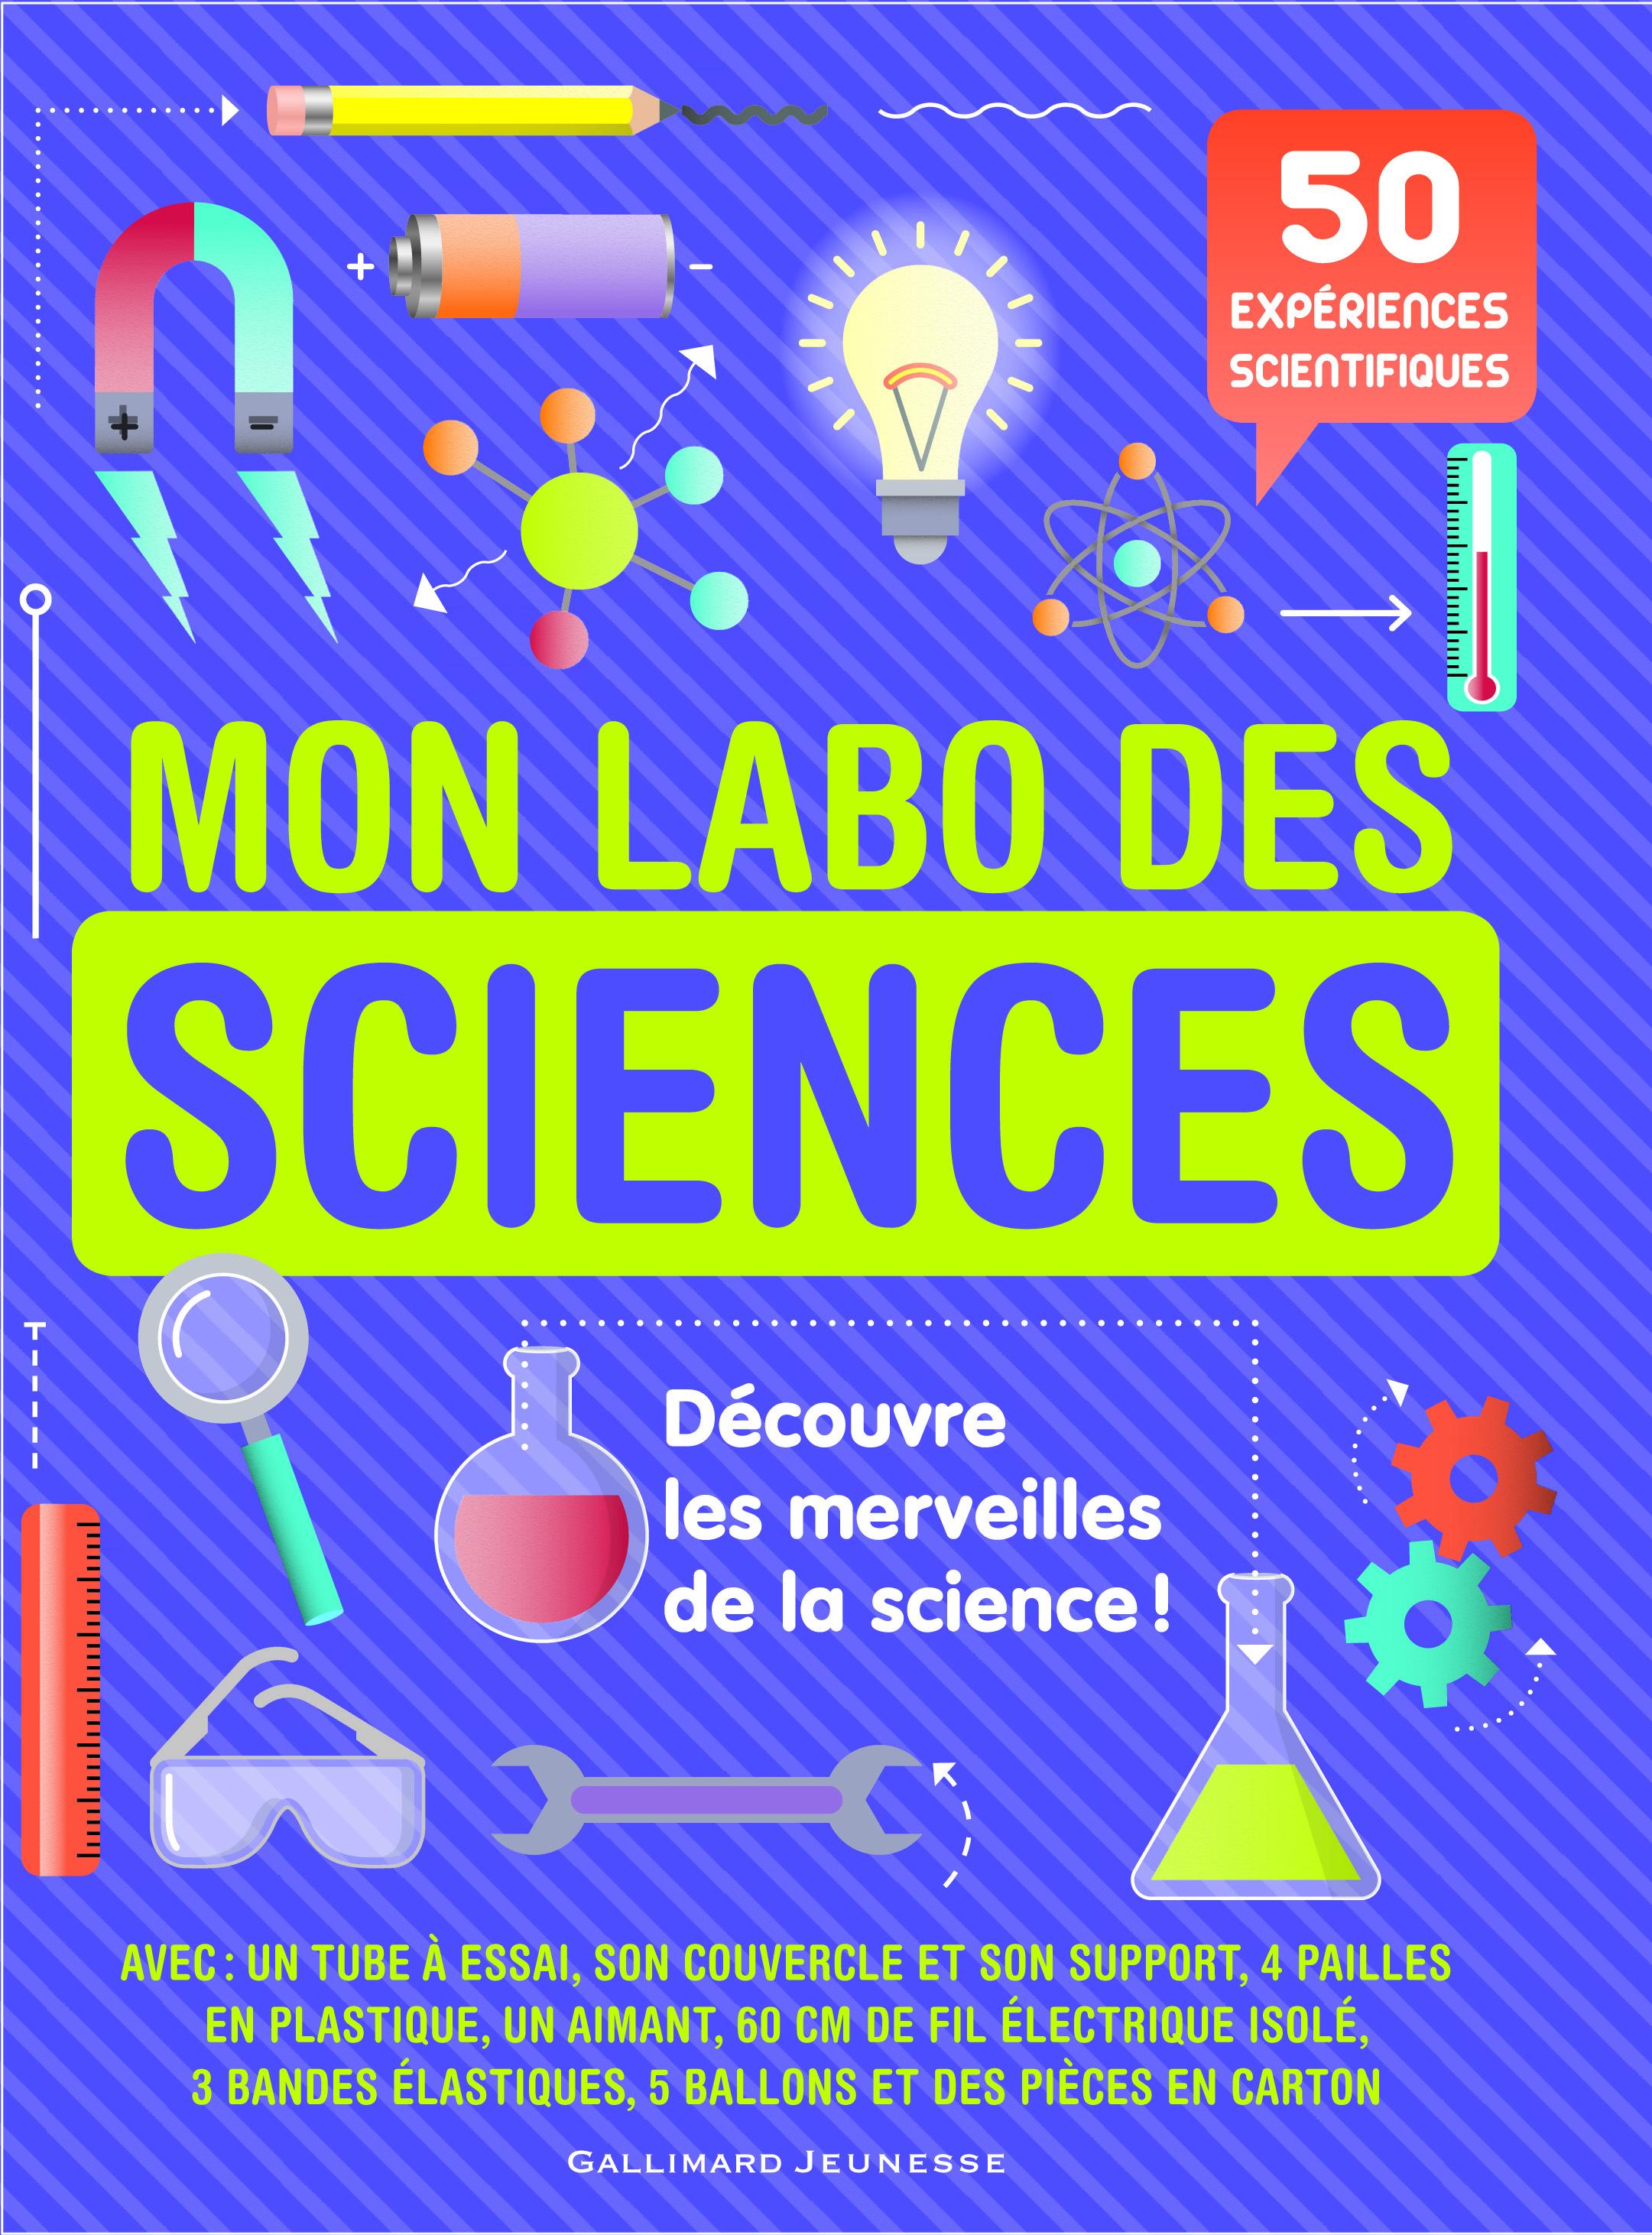 MON LABO DES SCIENCES - 50 EXPERIENCES SIENTIFIQUES A FAIRE CHEZ SOI